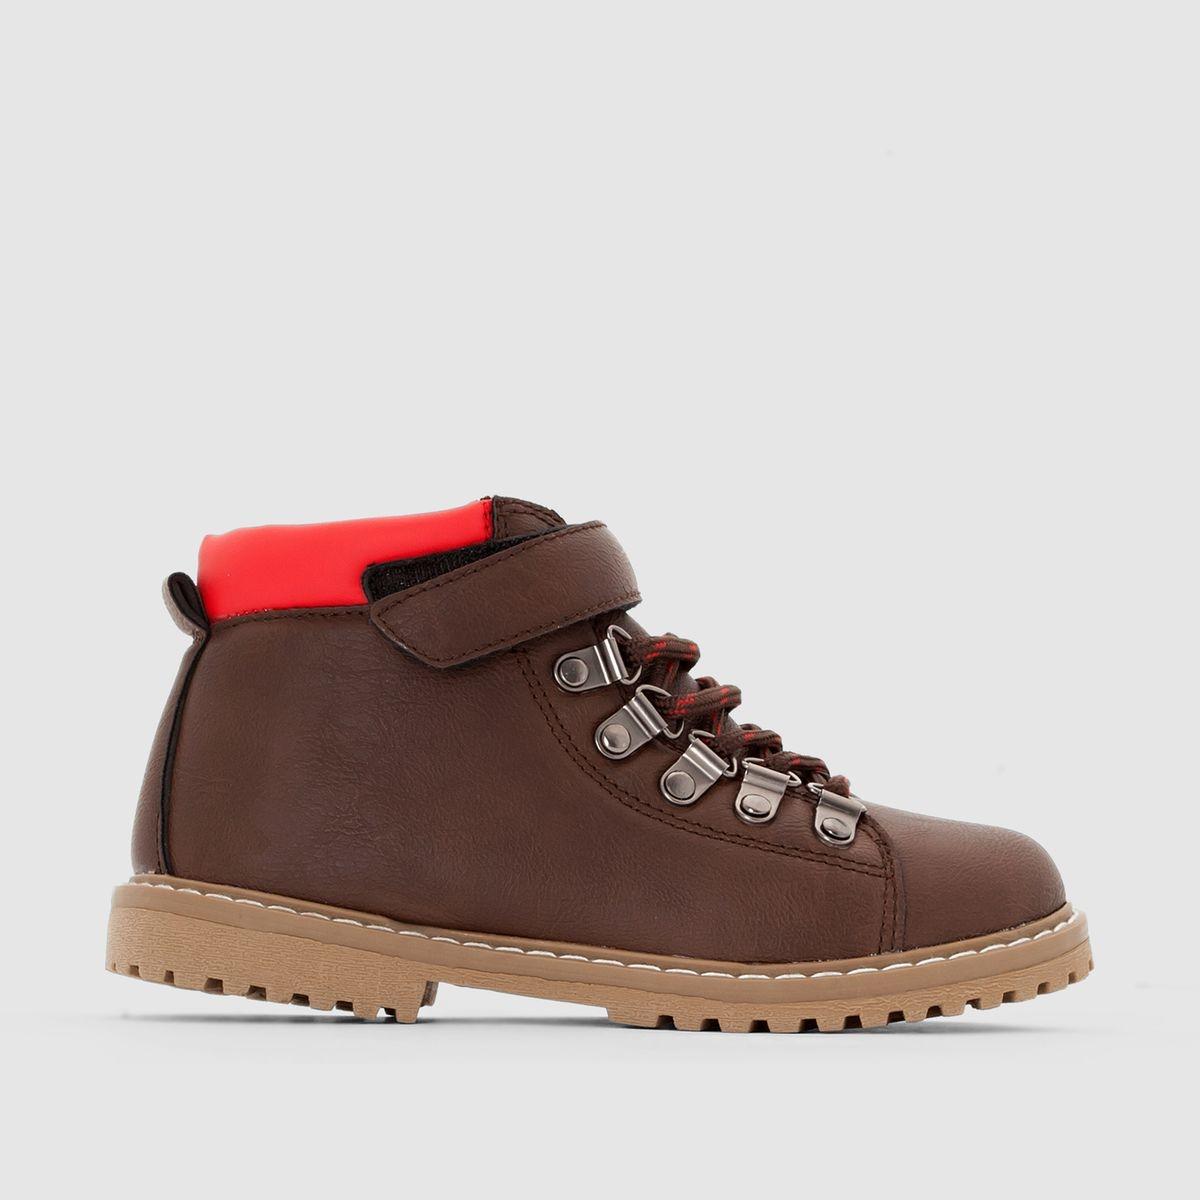 Dewalt Maxi en cuir noir travail goodyear cousu work boot free BEANIE HAT